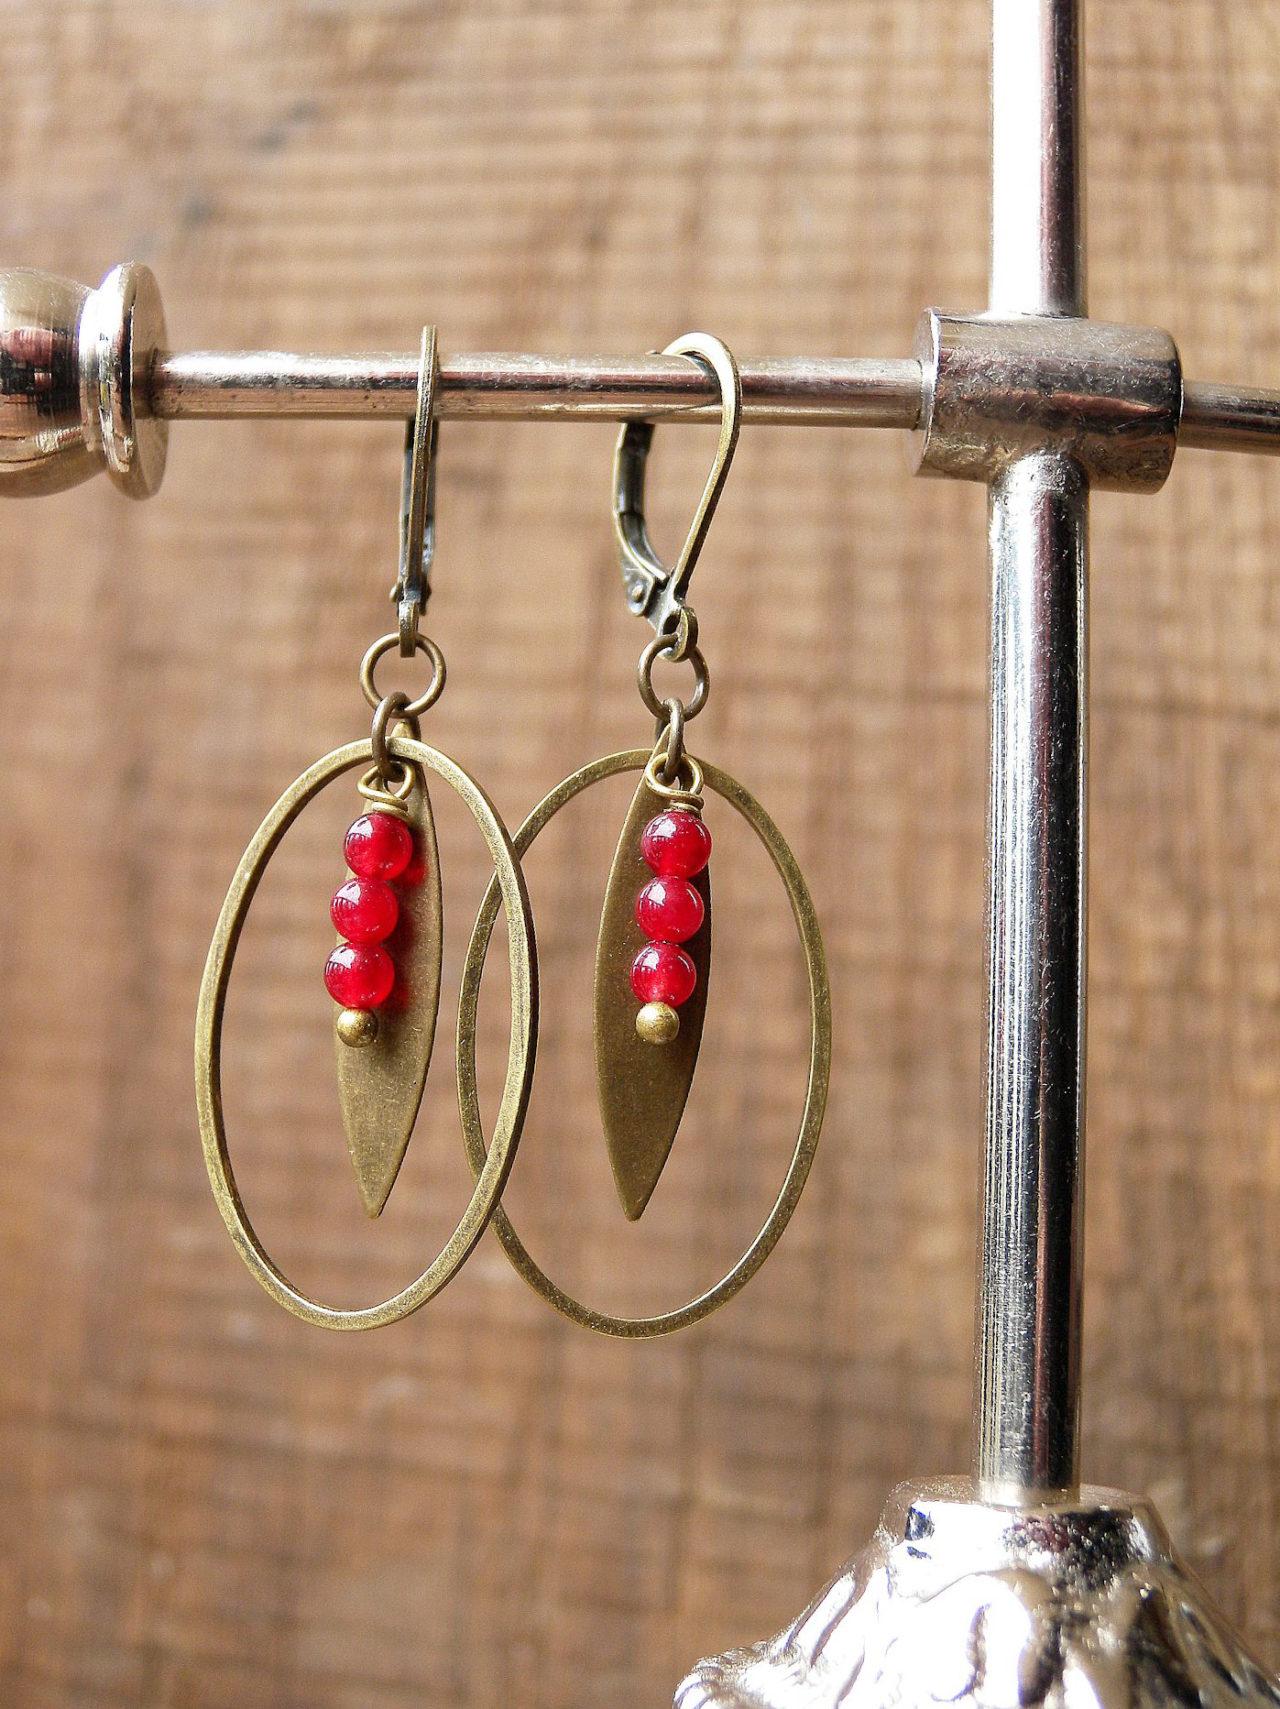 boucles-doreilles-la-discrete-creation-de-bijoux-par-les-delires-de-lolotte